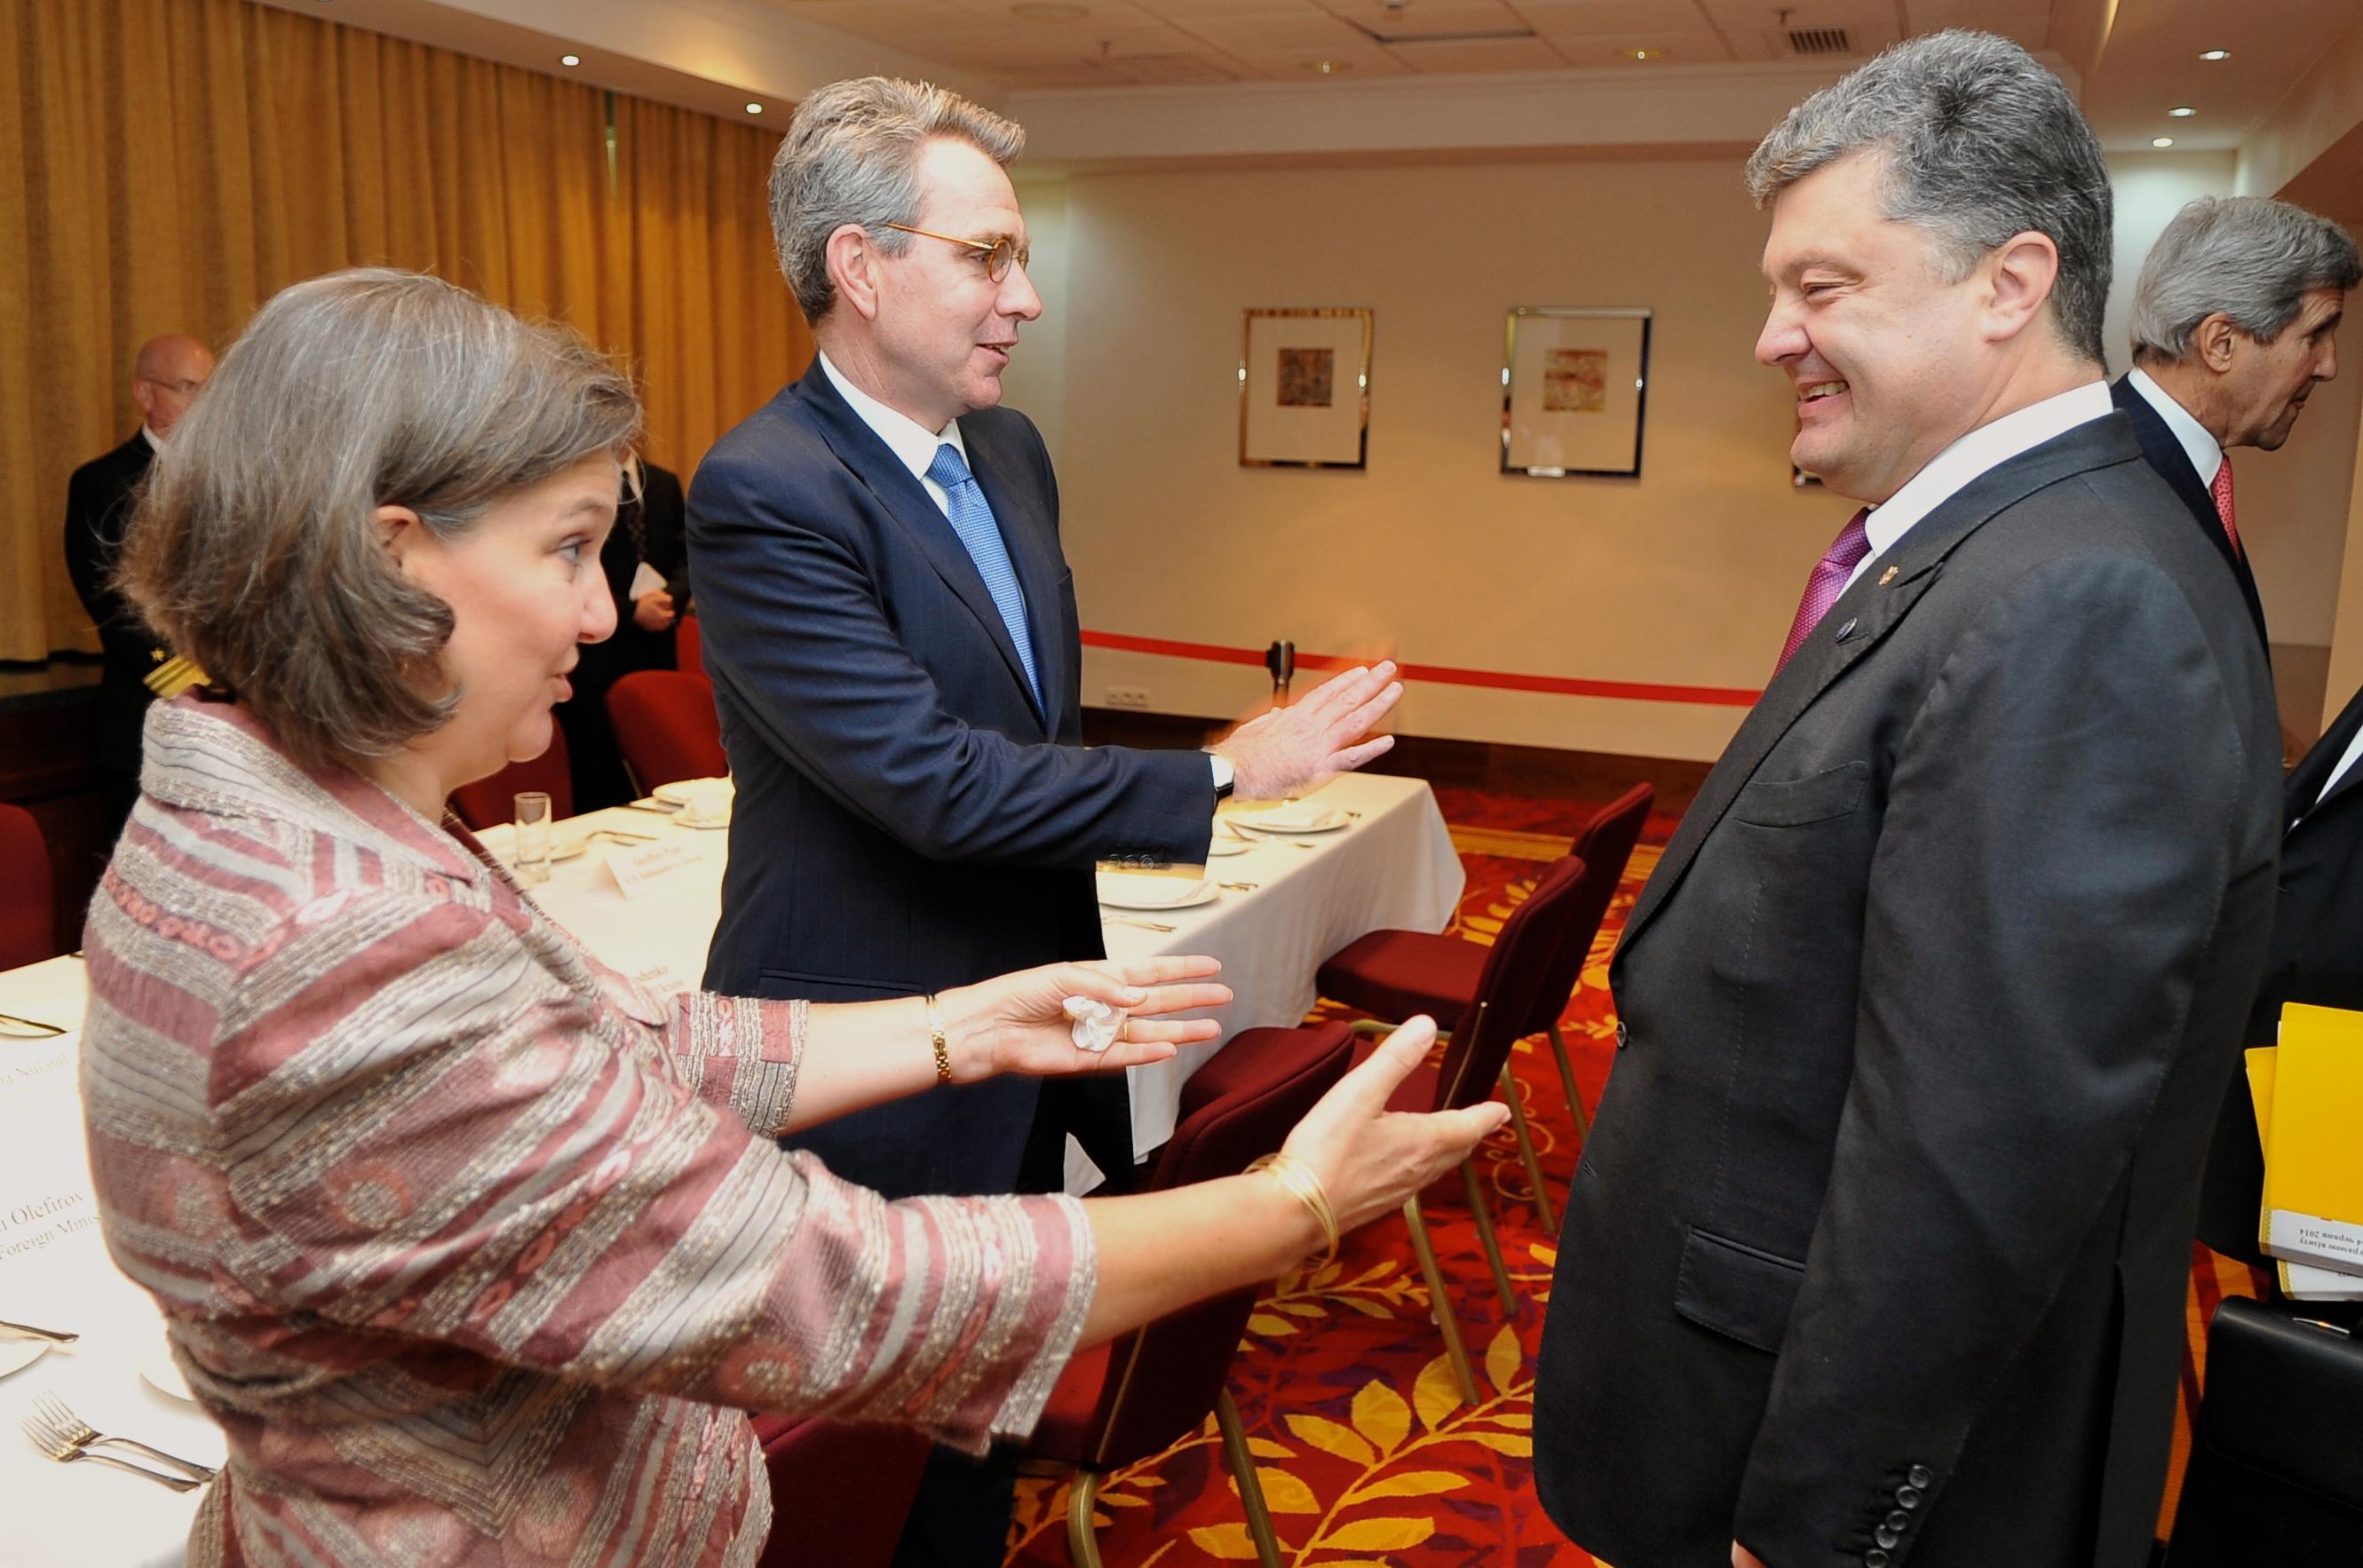 Президент Еврокомиссии принял приглашение посетить Киев и Одессу, - Порошенко - Цензор.НЕТ 6508